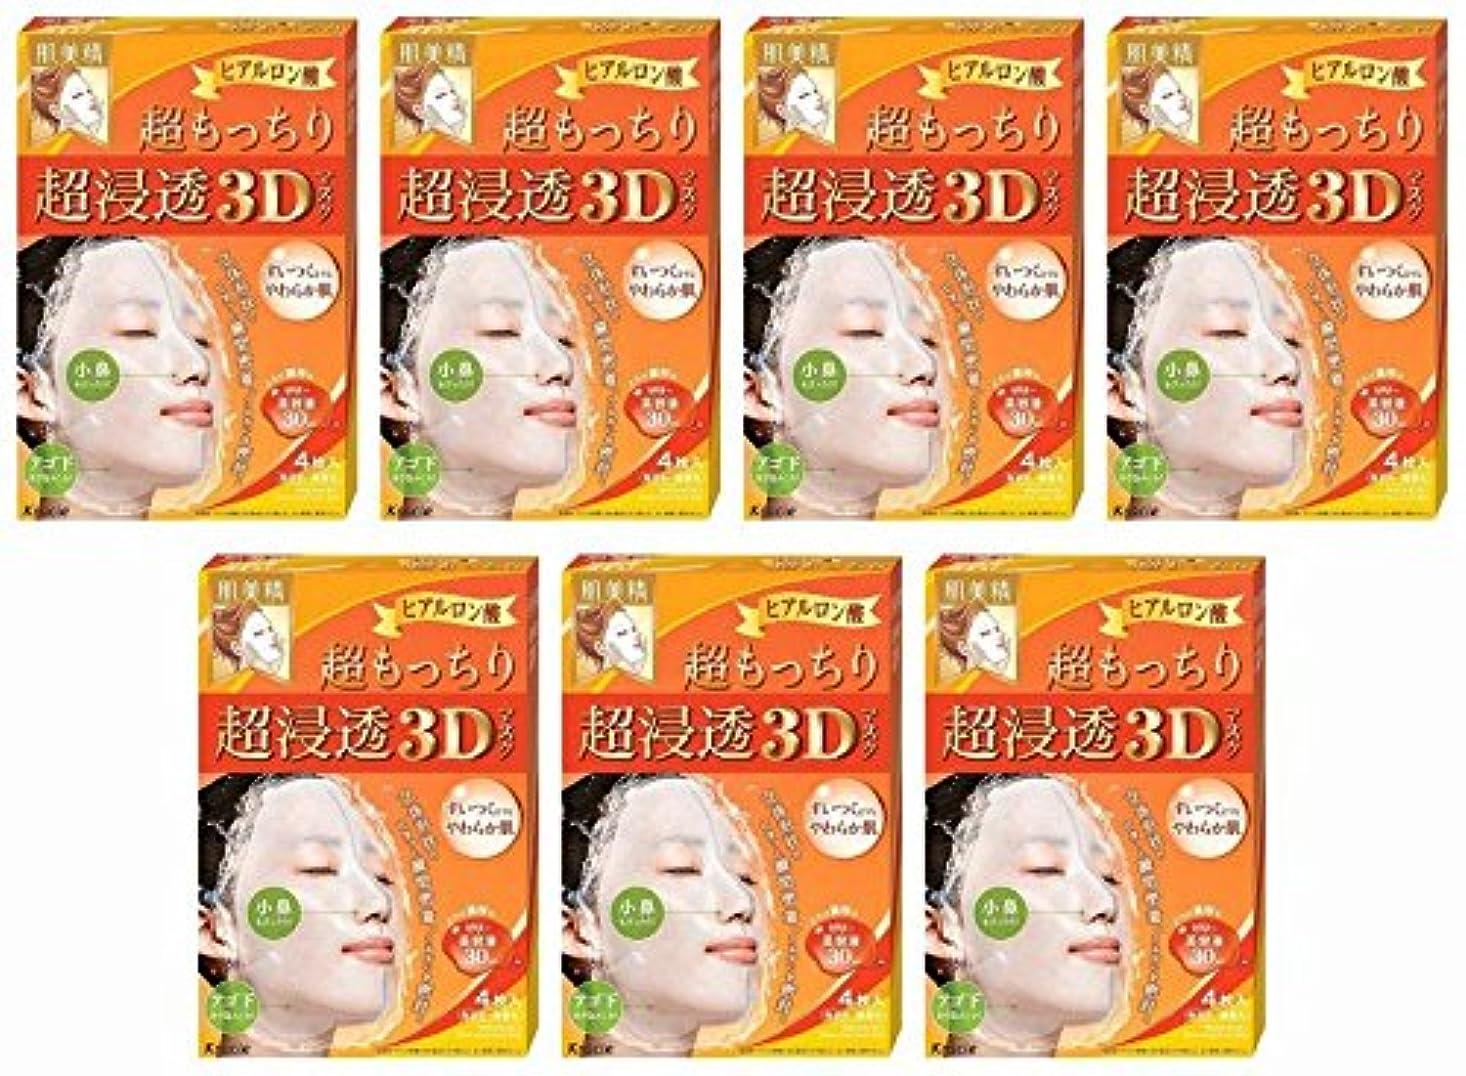 補助金奇跡的な脚本【まとめ割?4週間28日分 】 肌美精 超浸透3Dマスク (超もっちり) 4枚入 × 7個セット